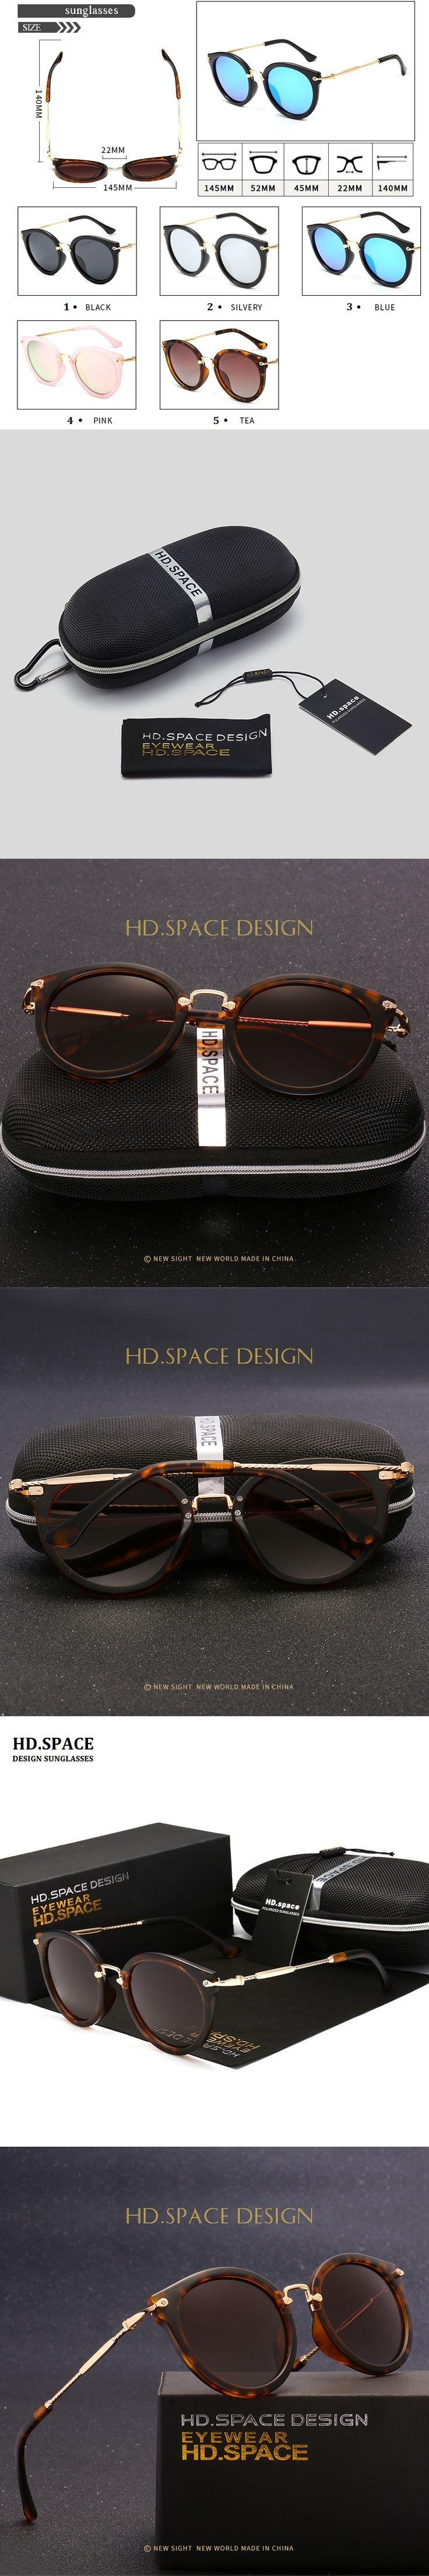 Fashion Vintage Round Sunglasses Women Brand Design Sunglasses Eyeglasses Alloy Legs Shades Lunettes de soleil LM027